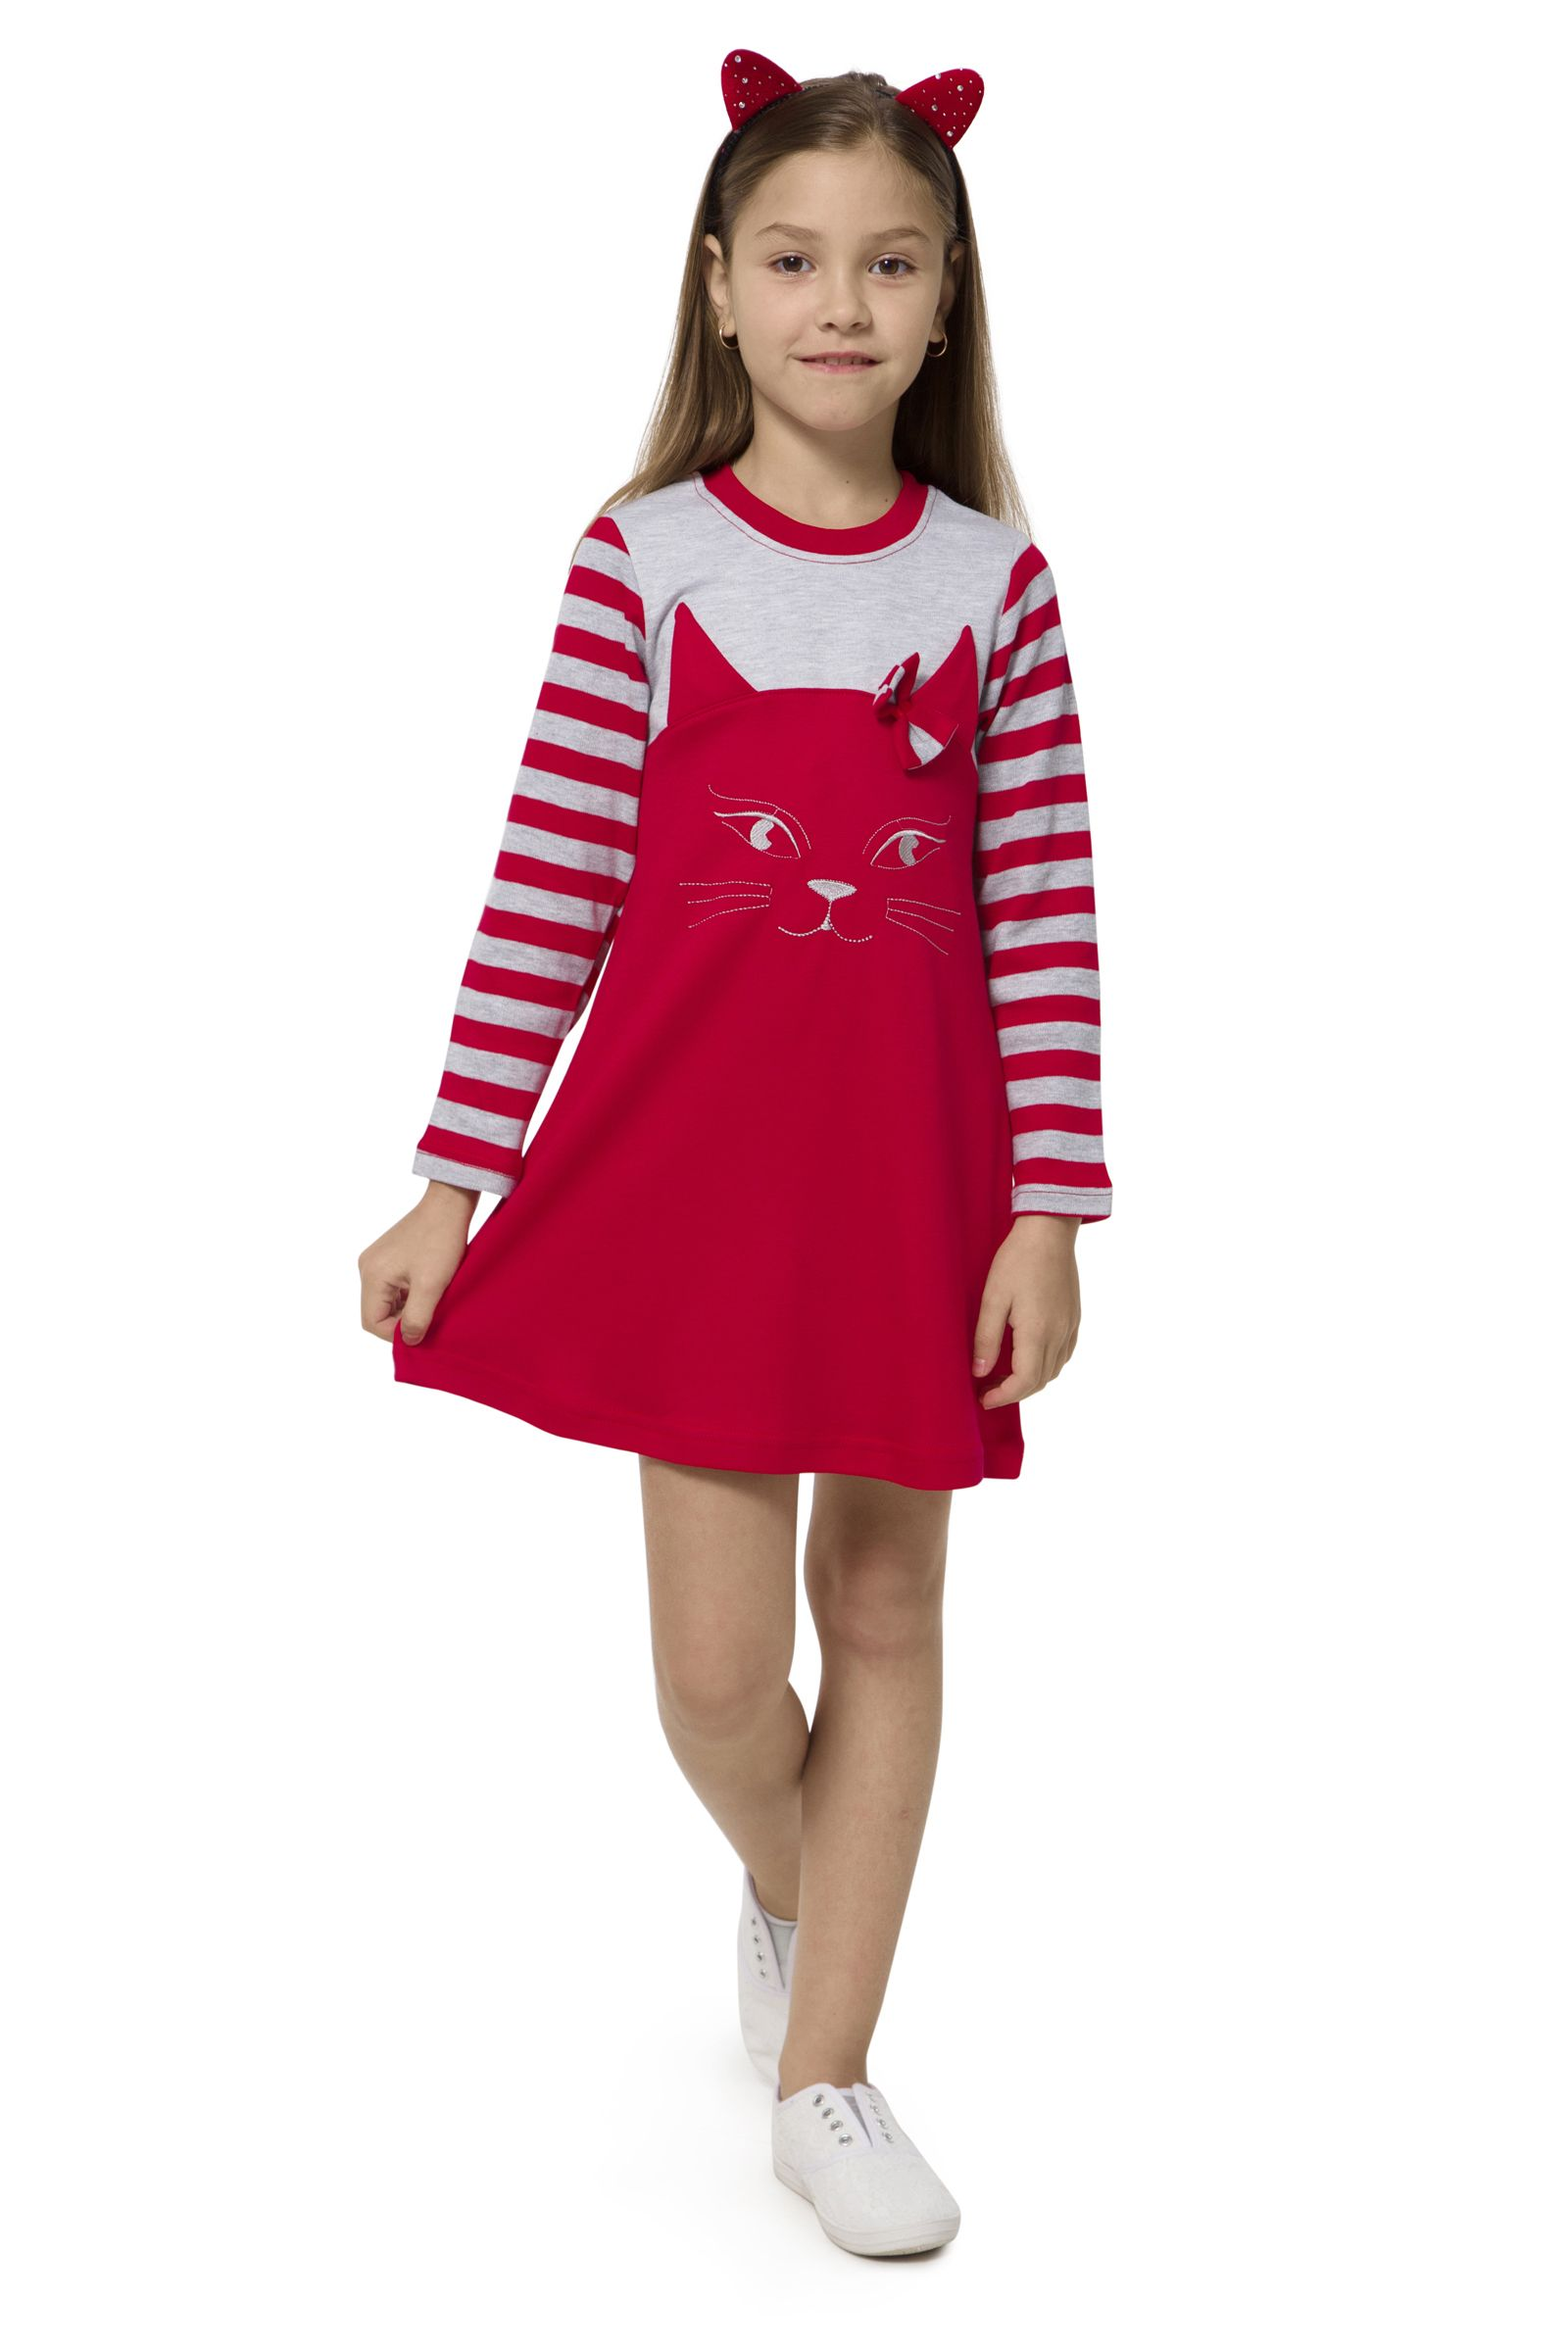 b8009dc87b3 Платье-ПЛ01-2739 оптом от производителя детской одежды  Алёна  ...